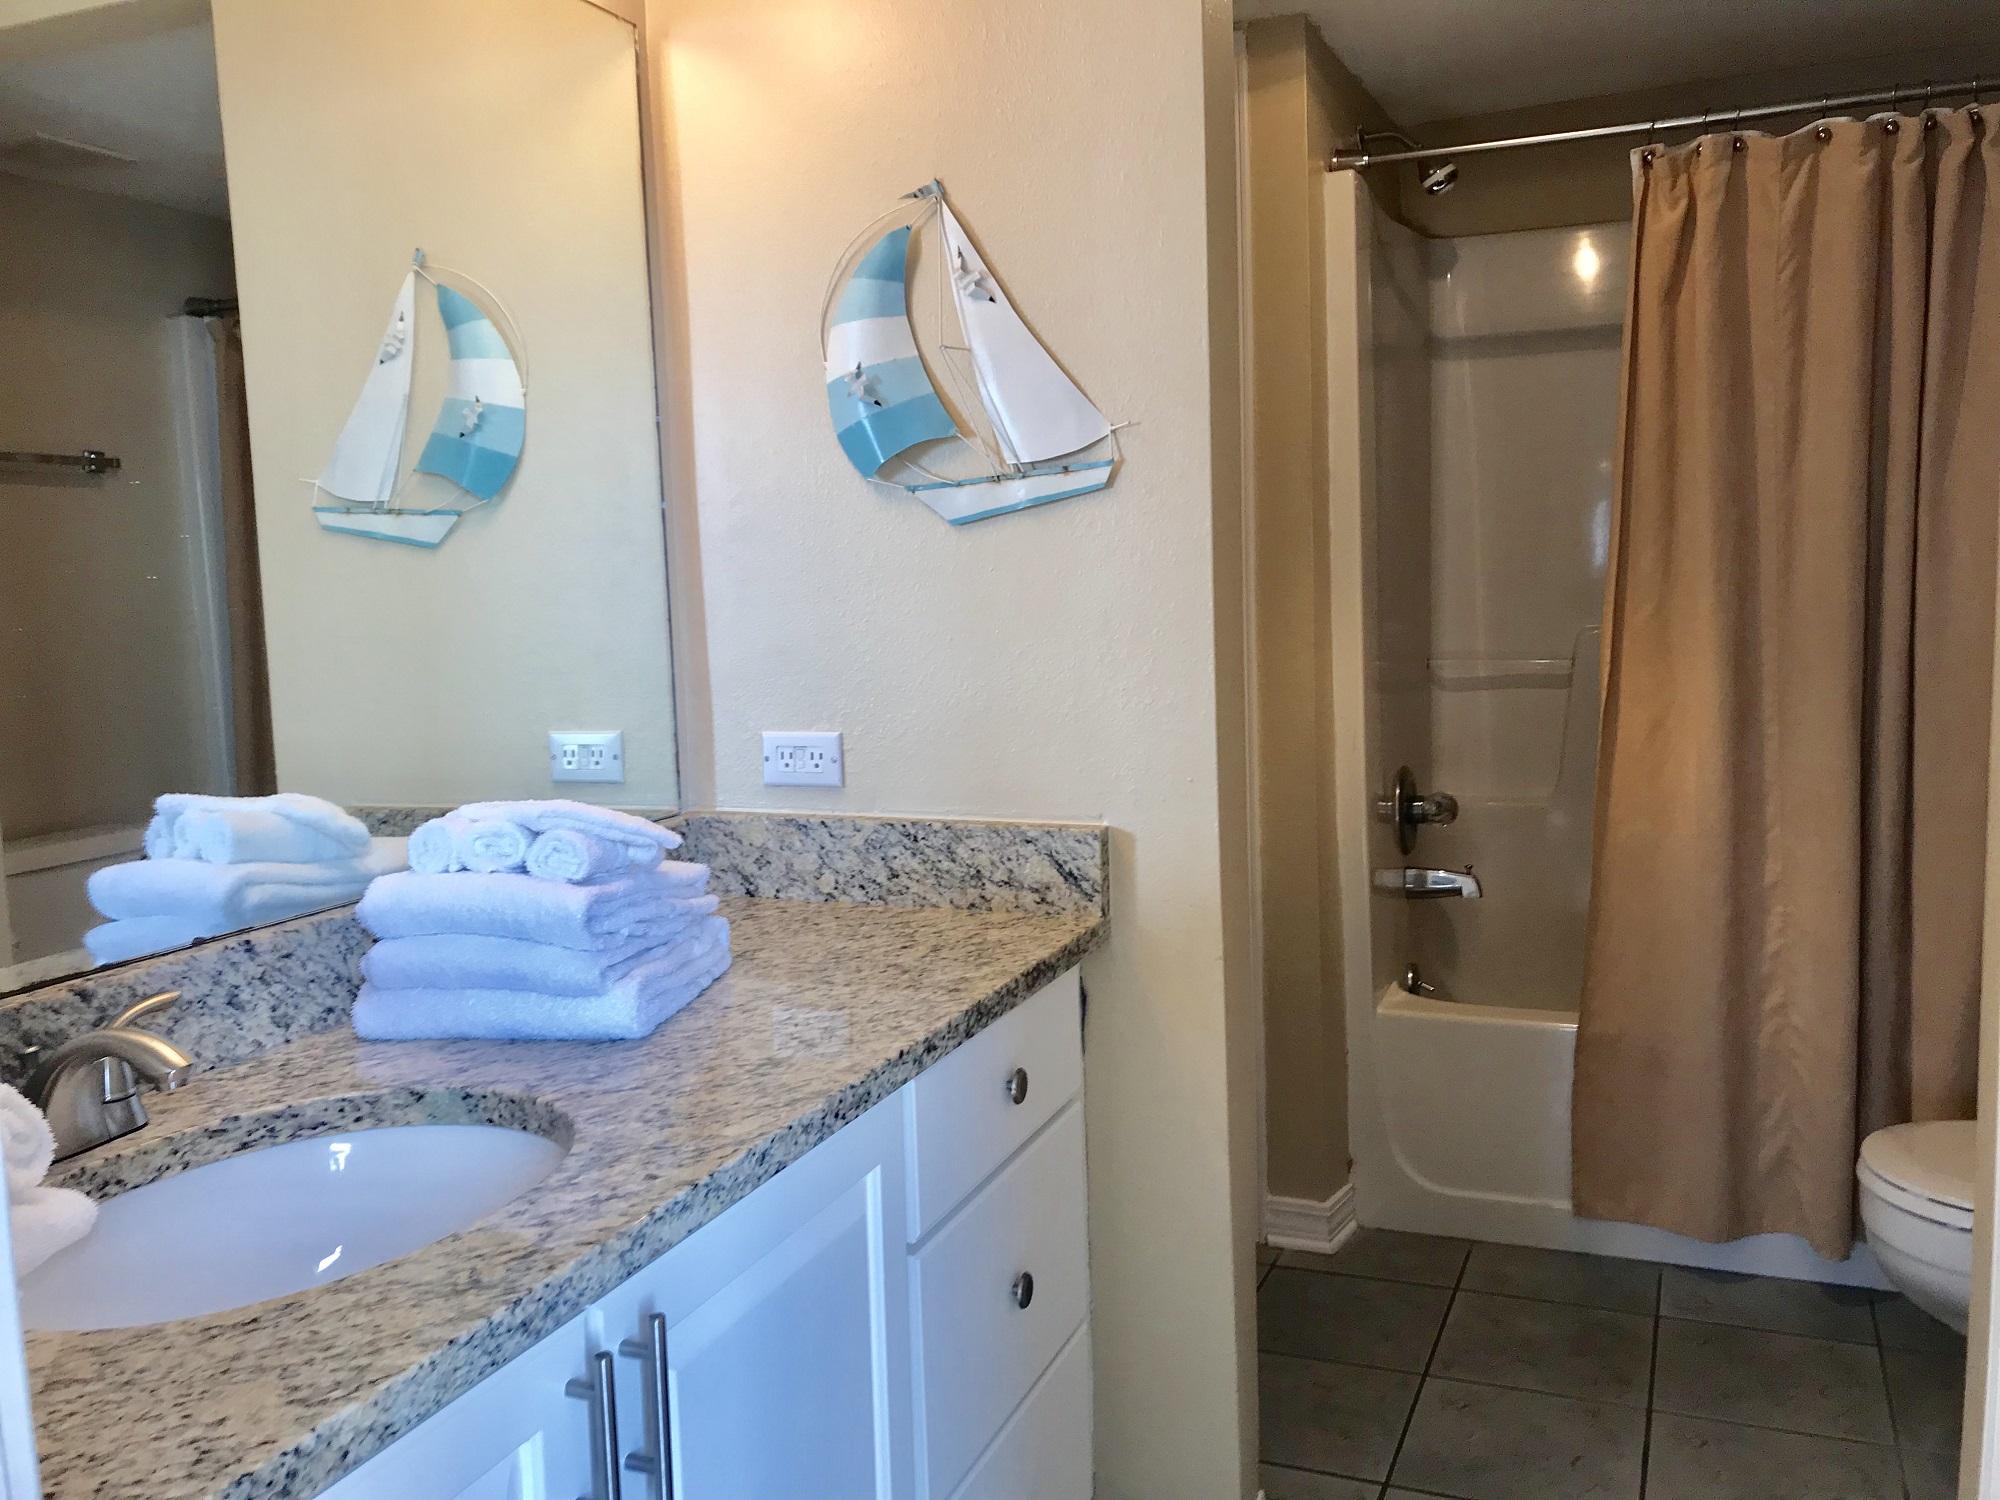 Ocean House 2701 Condo rental in Ocean House - Gulf Shores in Gulf Shores Alabama - #26